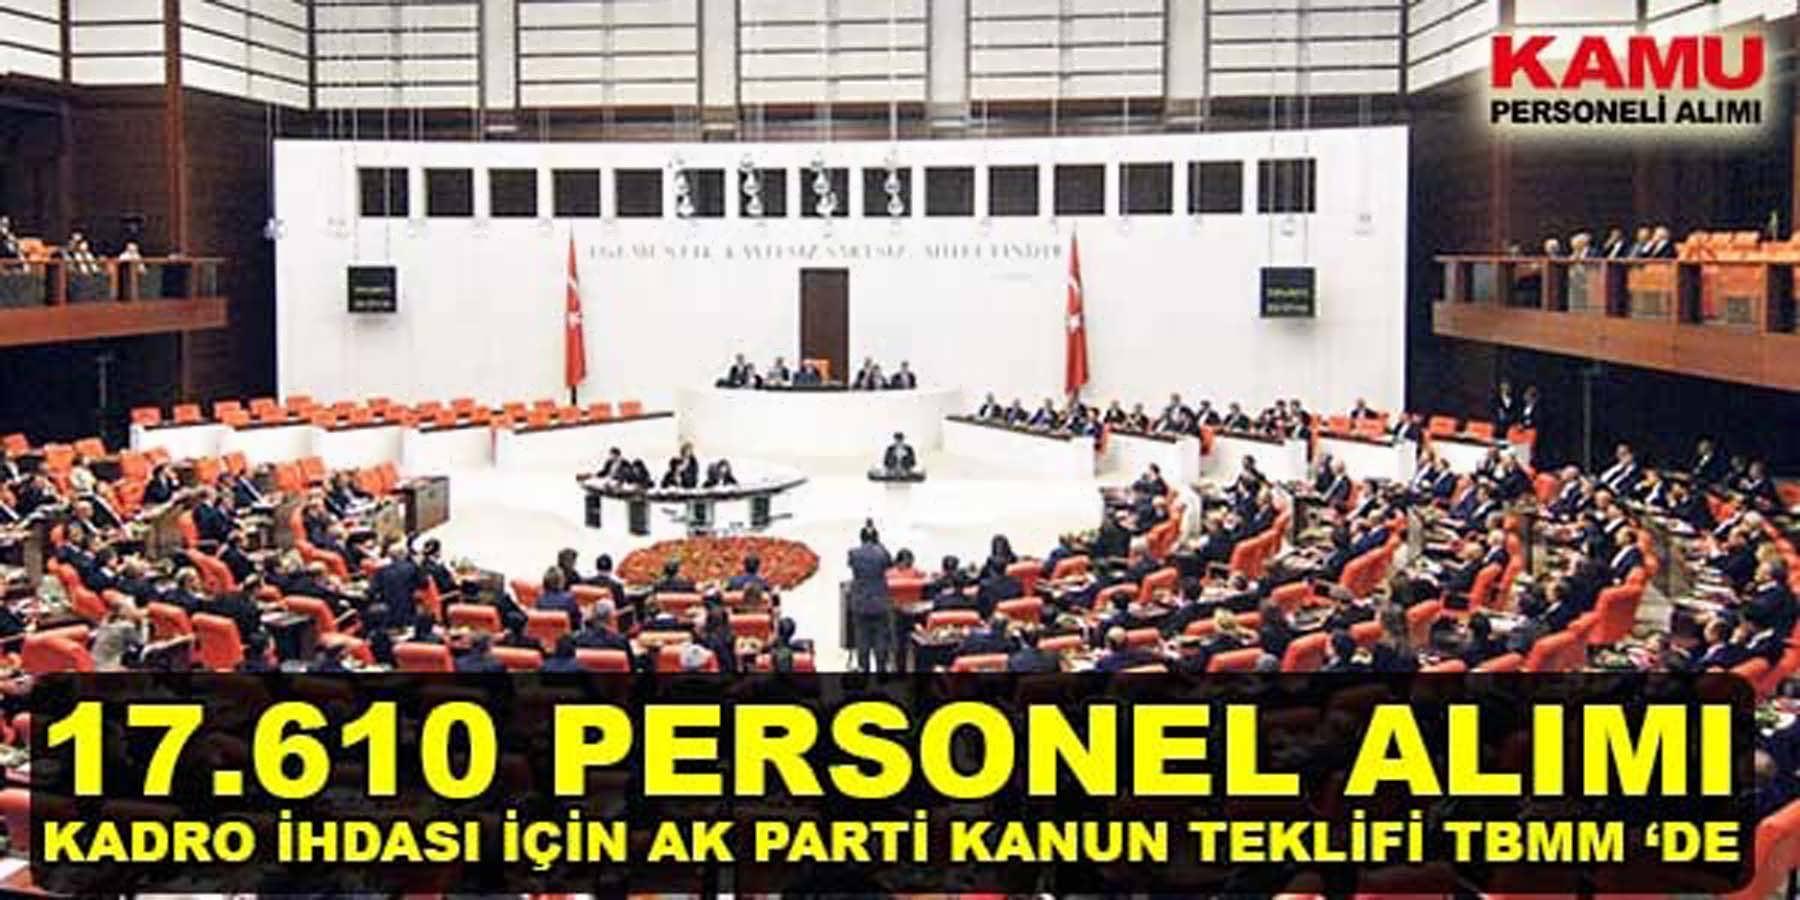 Kanun Teklifi Verildi 17.610 Personel Alımı İçin Harekete Geçildi